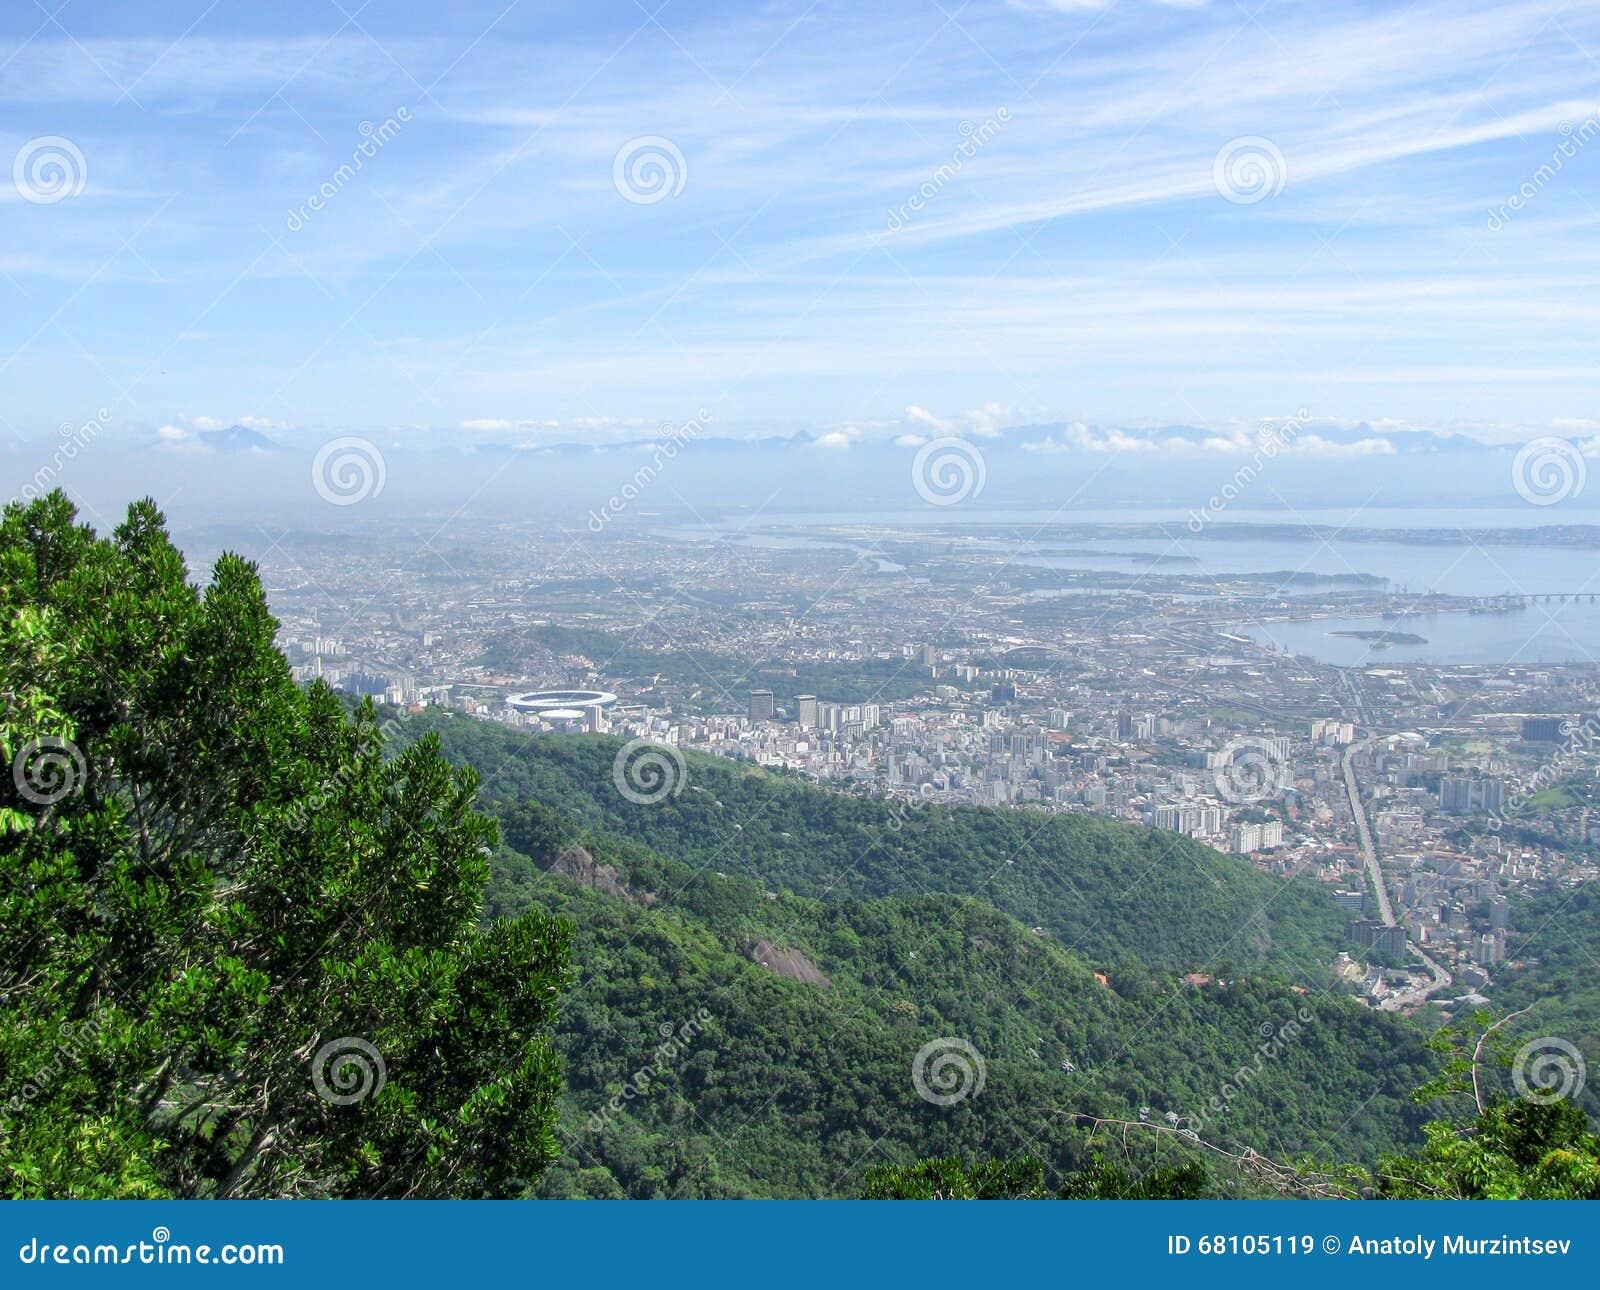 Spectacular panorama and aerial city view of Rio de Janeiro, Brazil